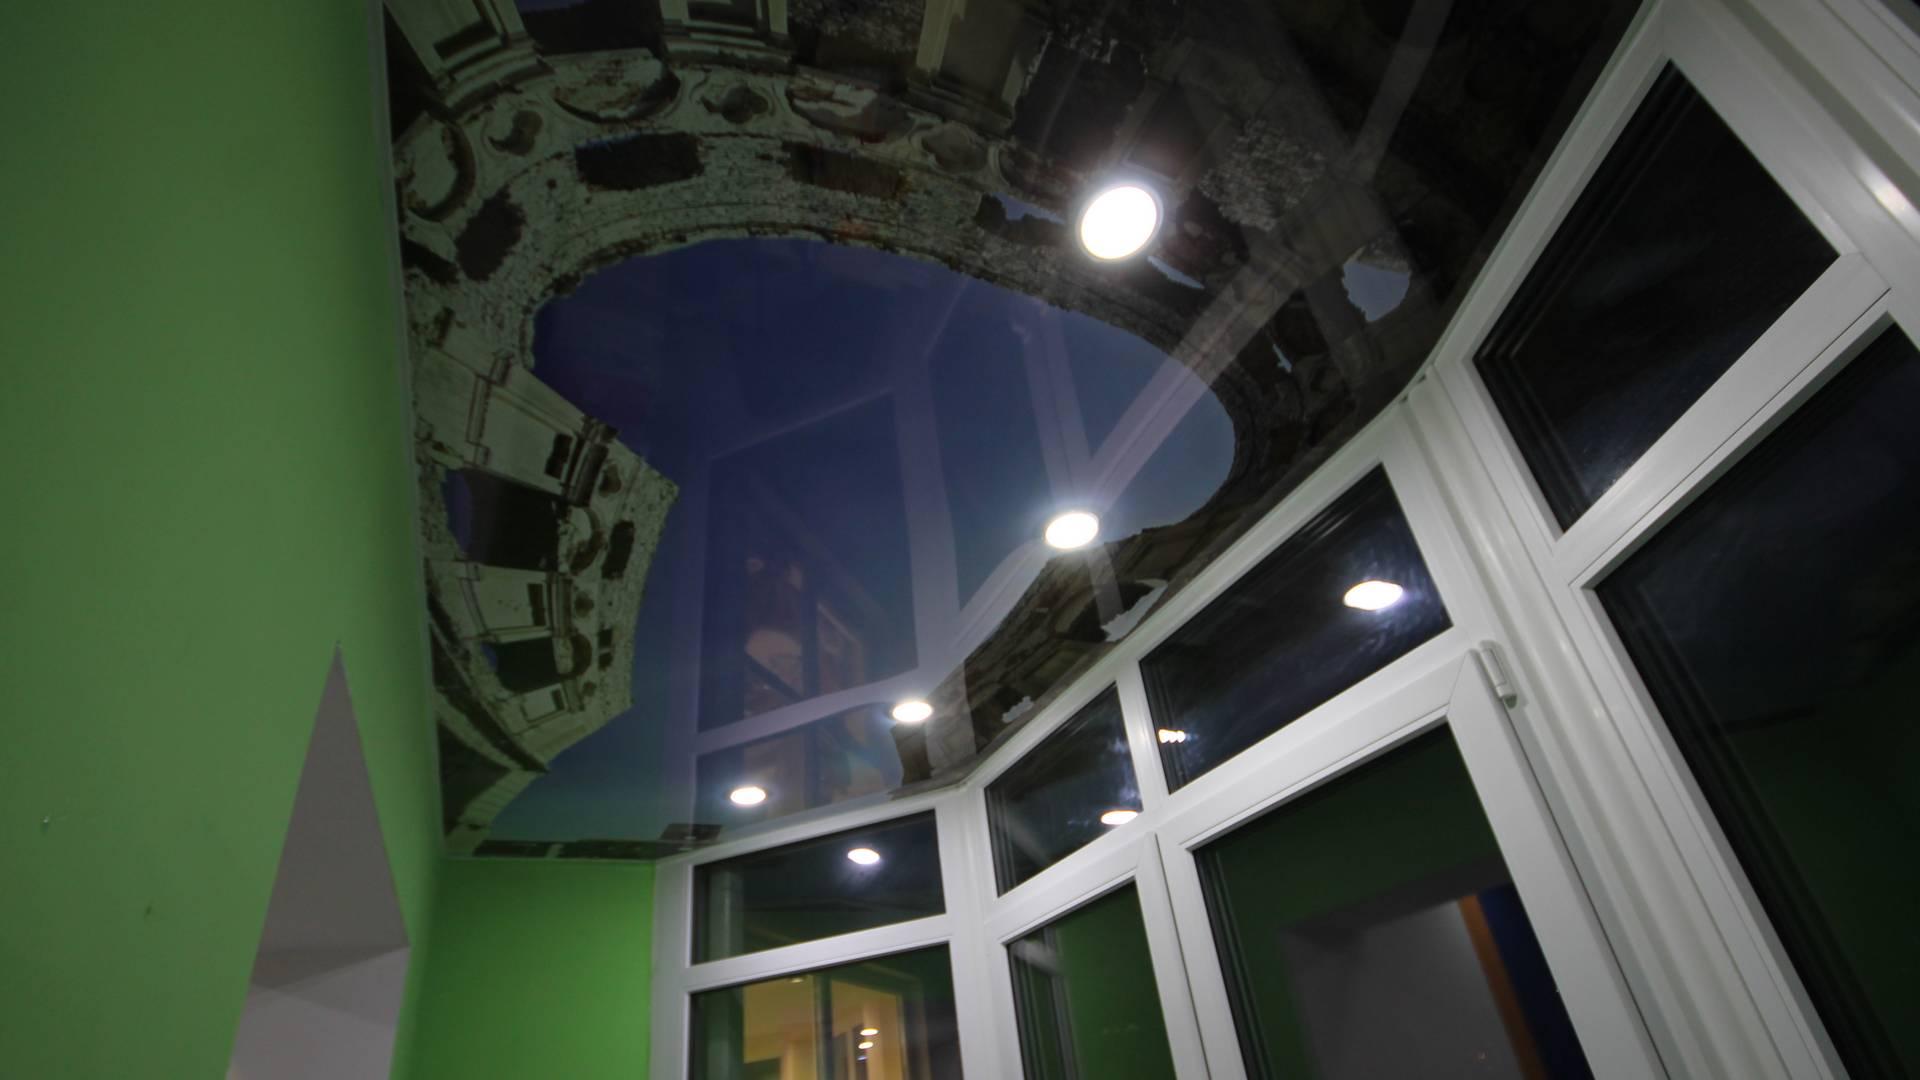 3д фото печать на натяжном потолке, Натяжной потолок на балконе, Глянцевые натяжные потолки, Фото печать на натяжном потолке